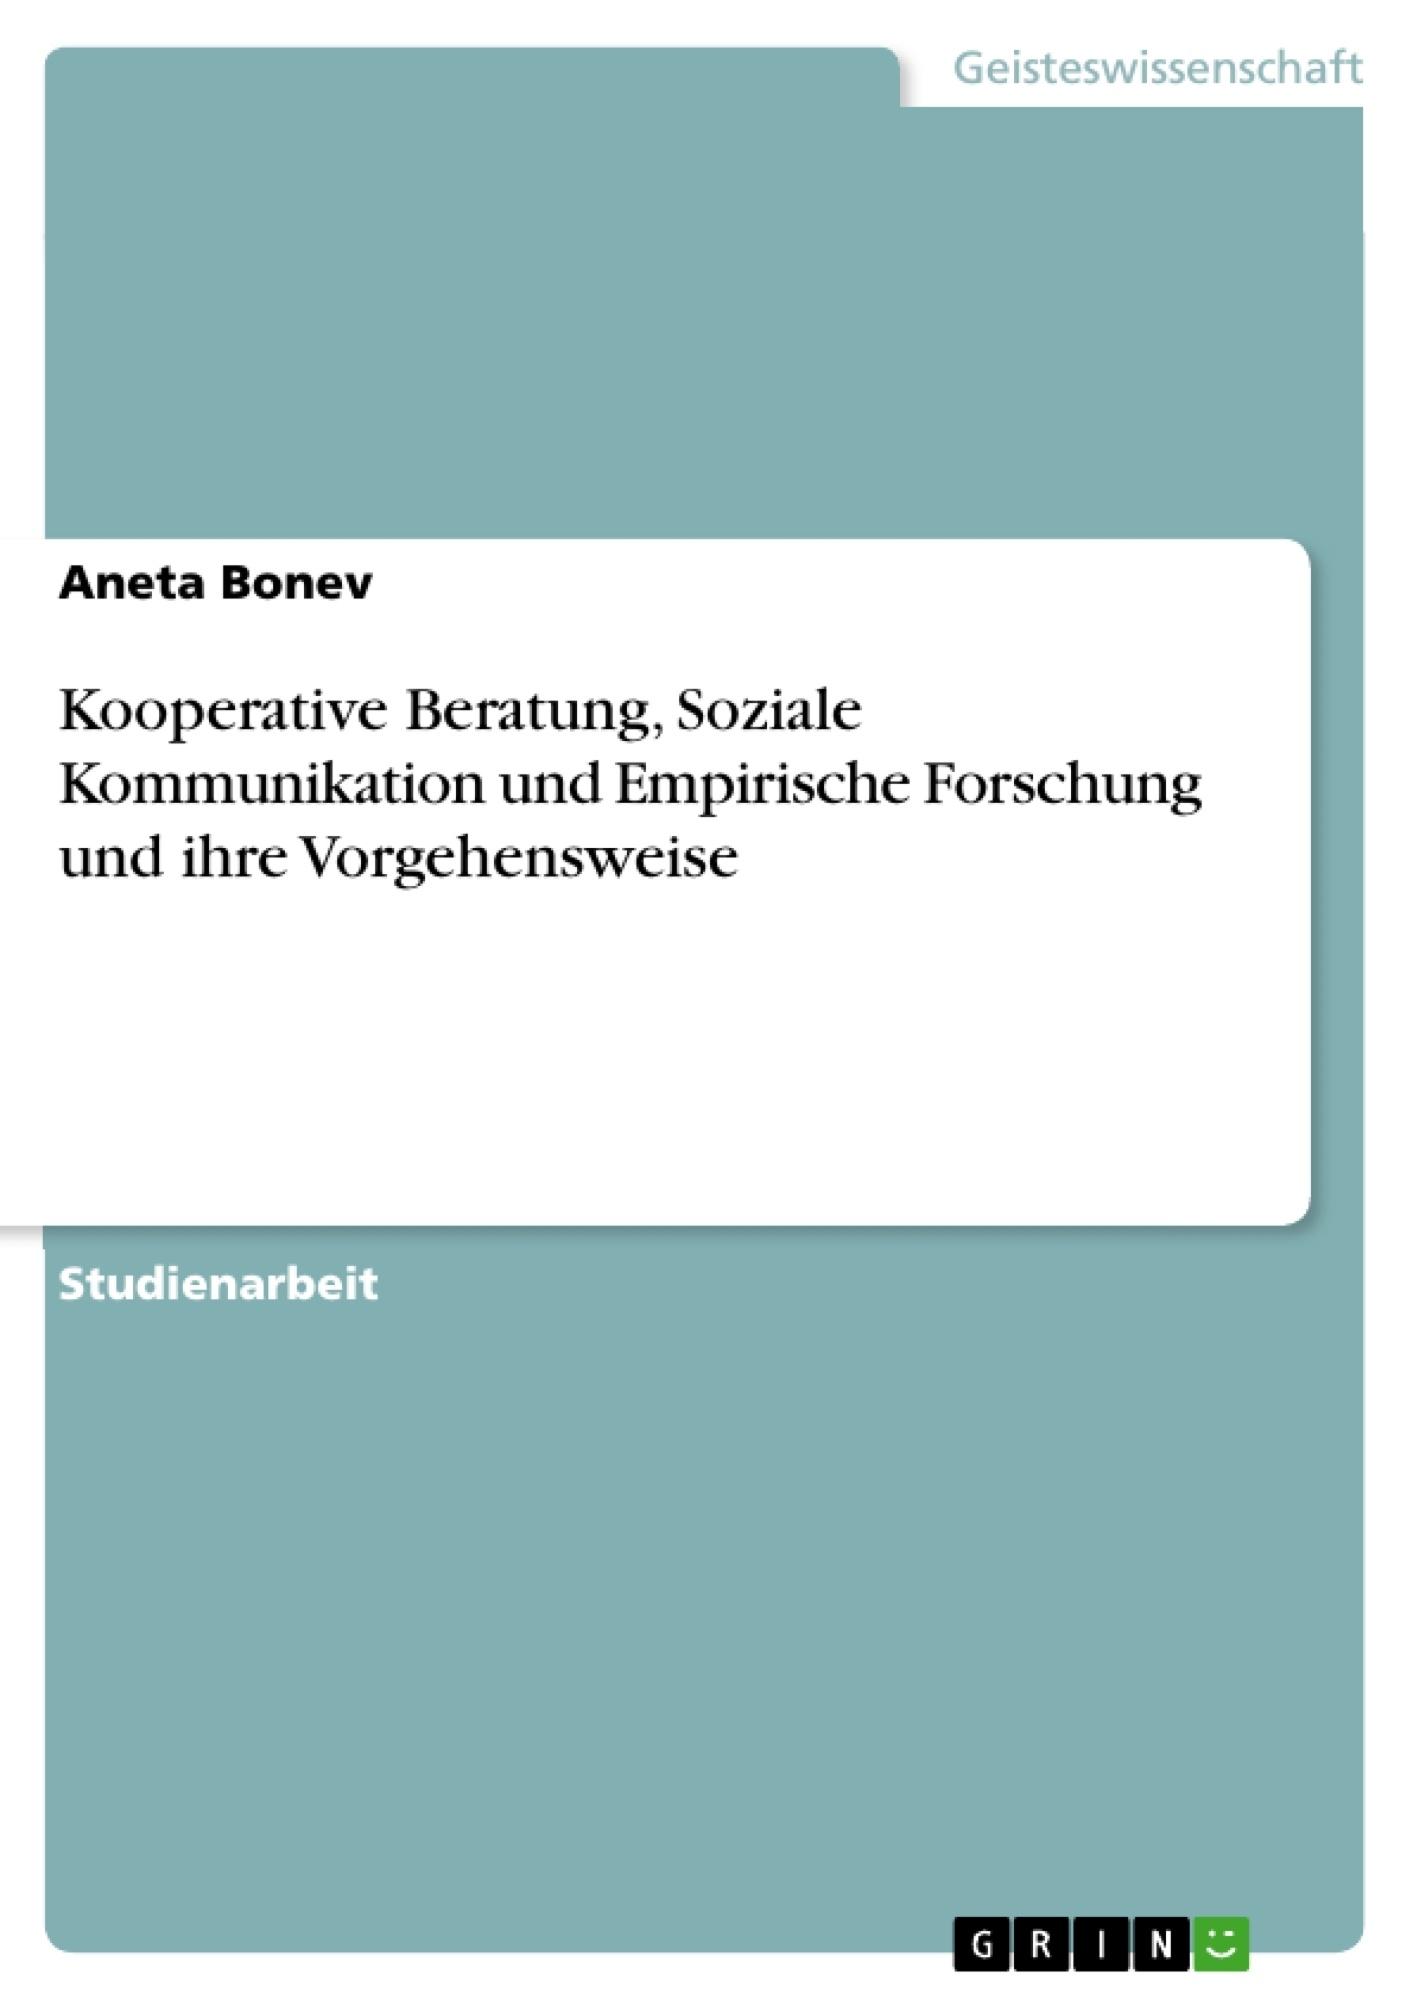 Titel: Kooperative Beratung, Soziale Kommunikation und Empirische Forschung und ihre Vorgehensweise